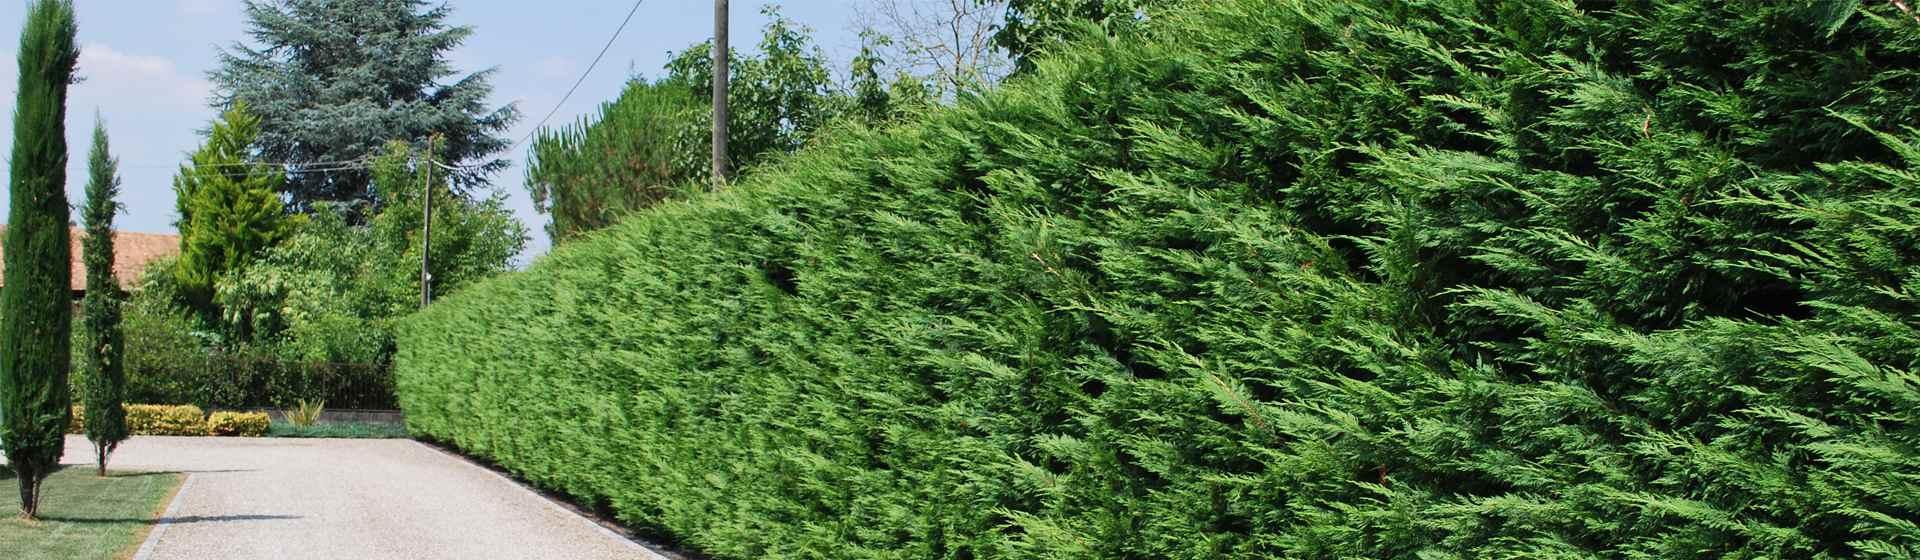 Vendita Piante Da Siepe : Vivai san carlo vendita piante da siepe e creazione giardini